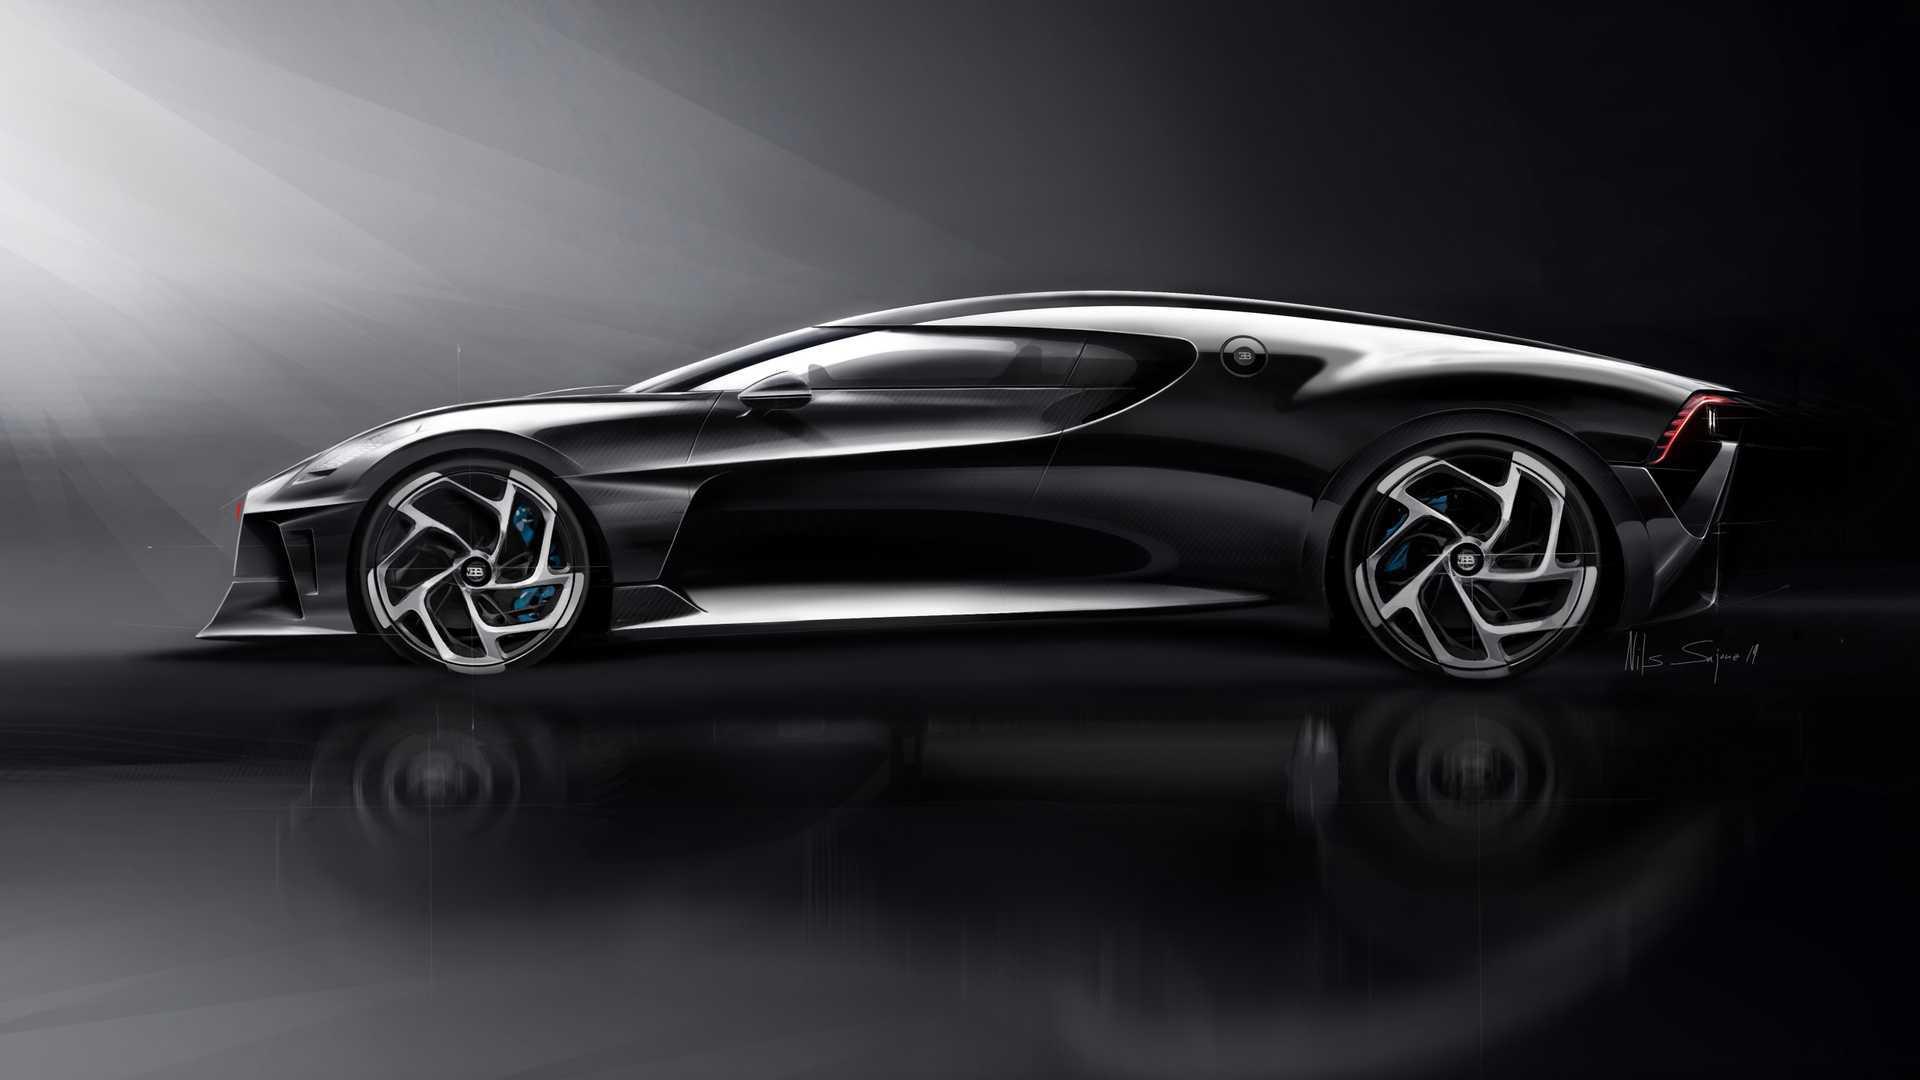 Bugatti La Voiture Noire, Healthy Living + TravelBugatti La Voiture Noire, Healthy Living + Travel, Motion